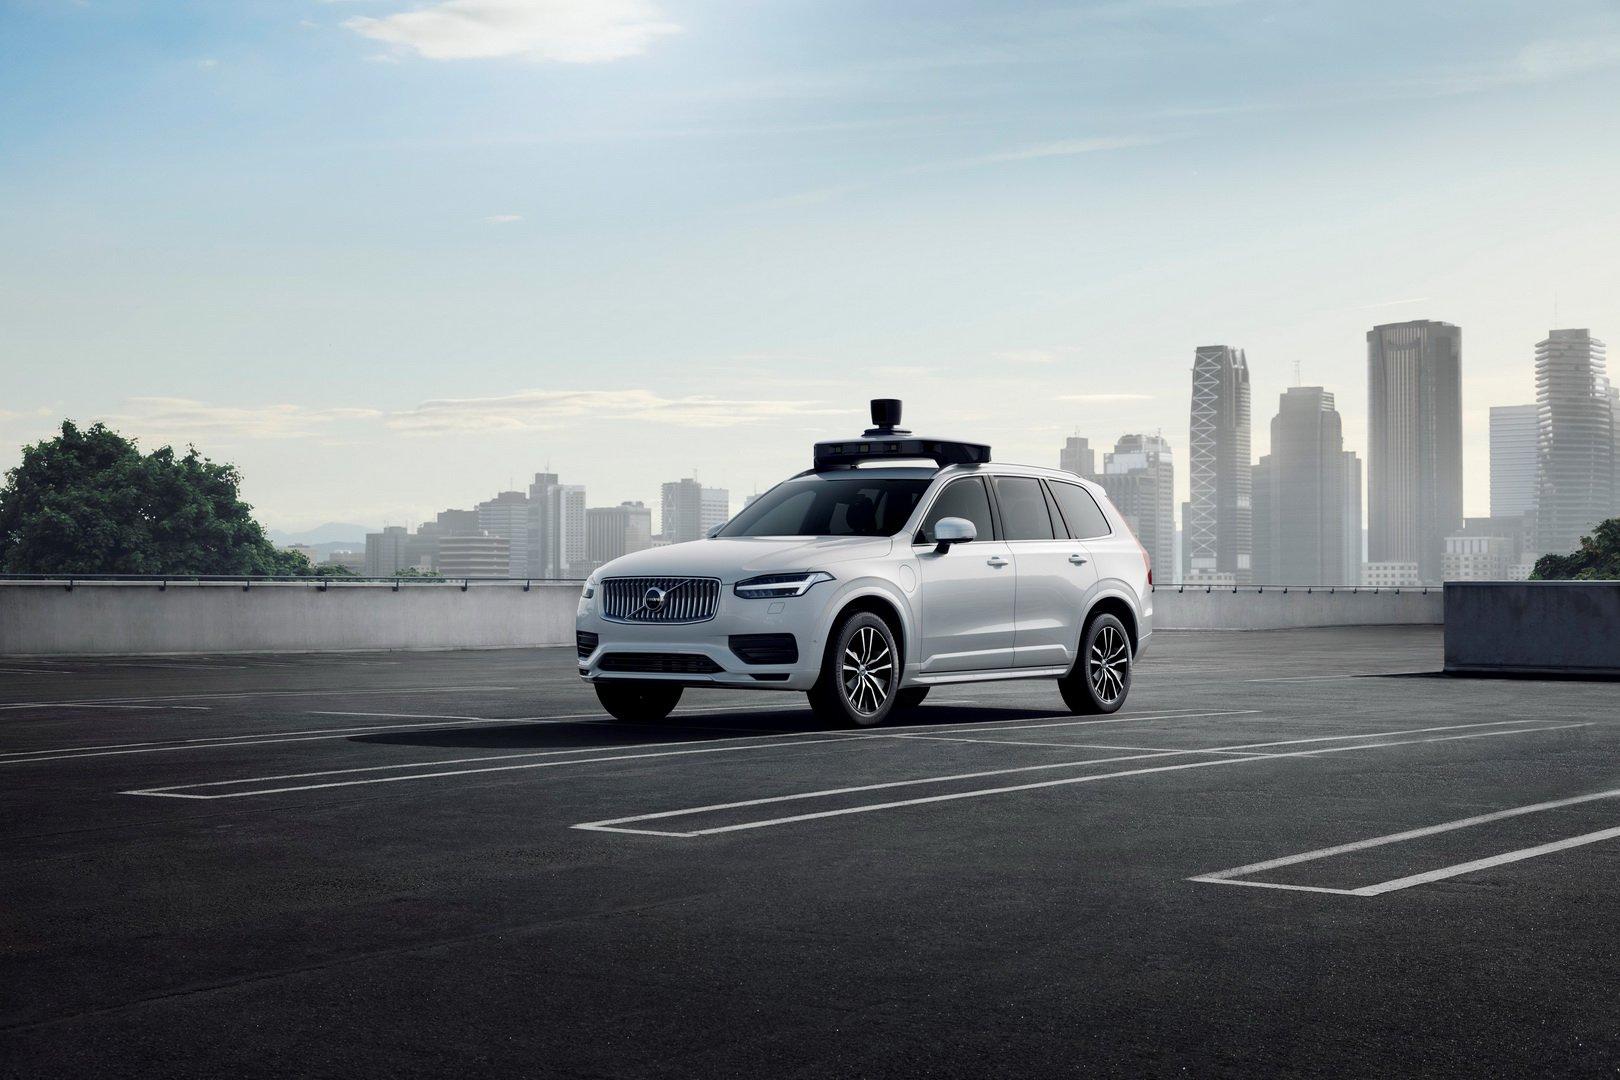 Volvo-XC90-autonomous-Uber-6